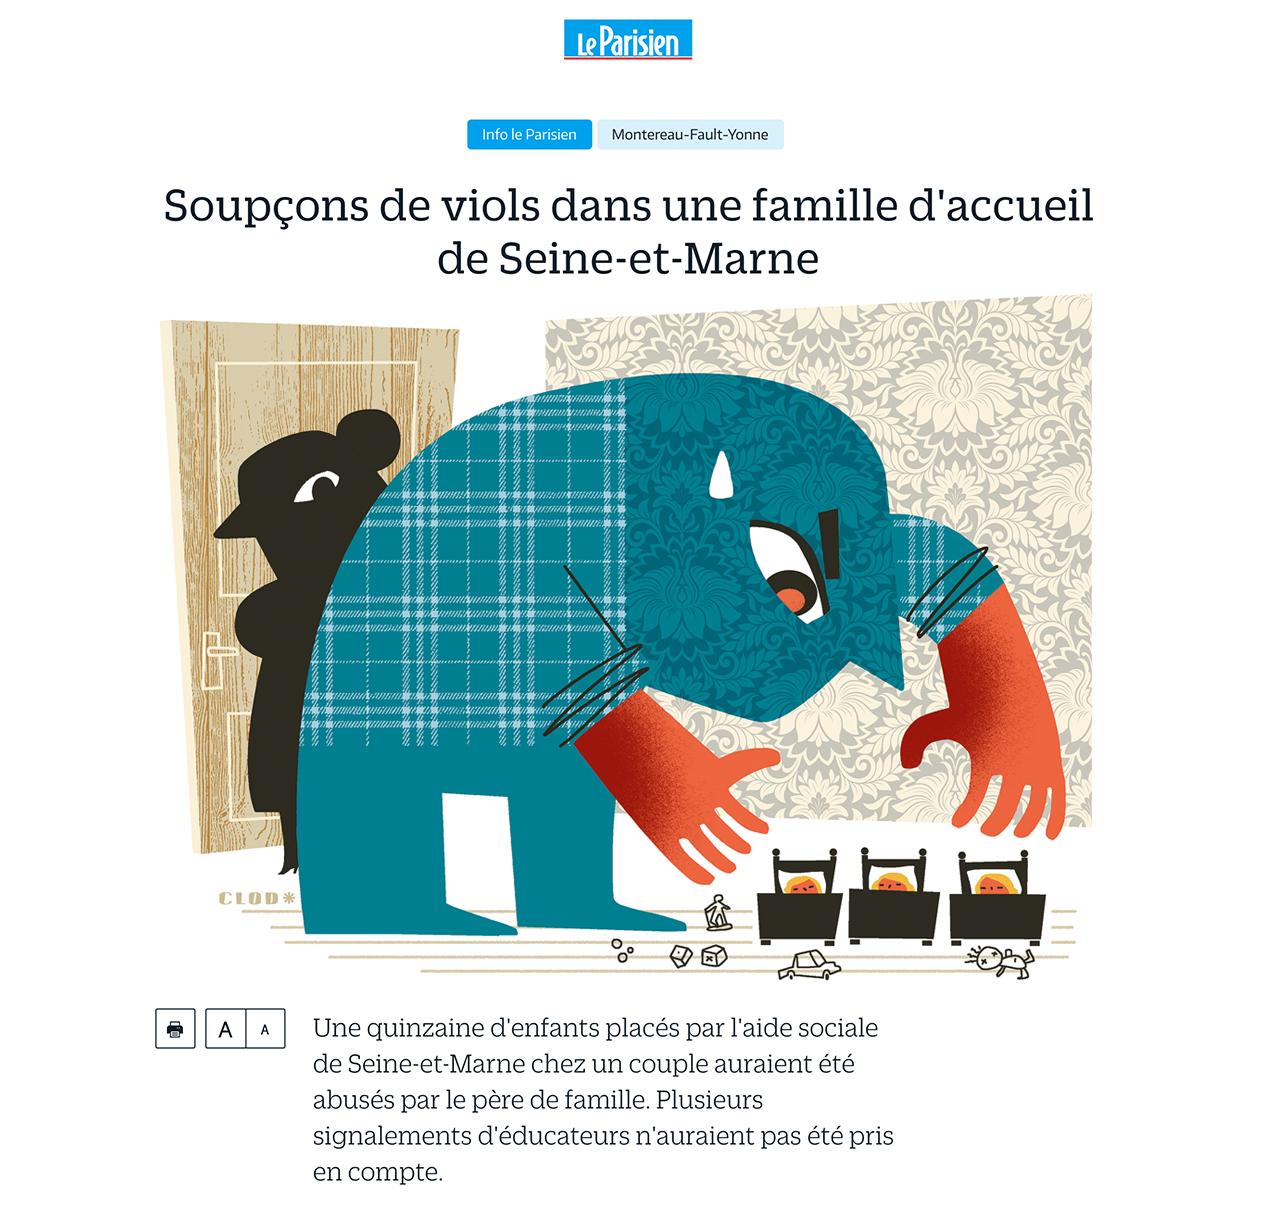 Clod illustration fait divers dans le Parisien du 14 mars 2017